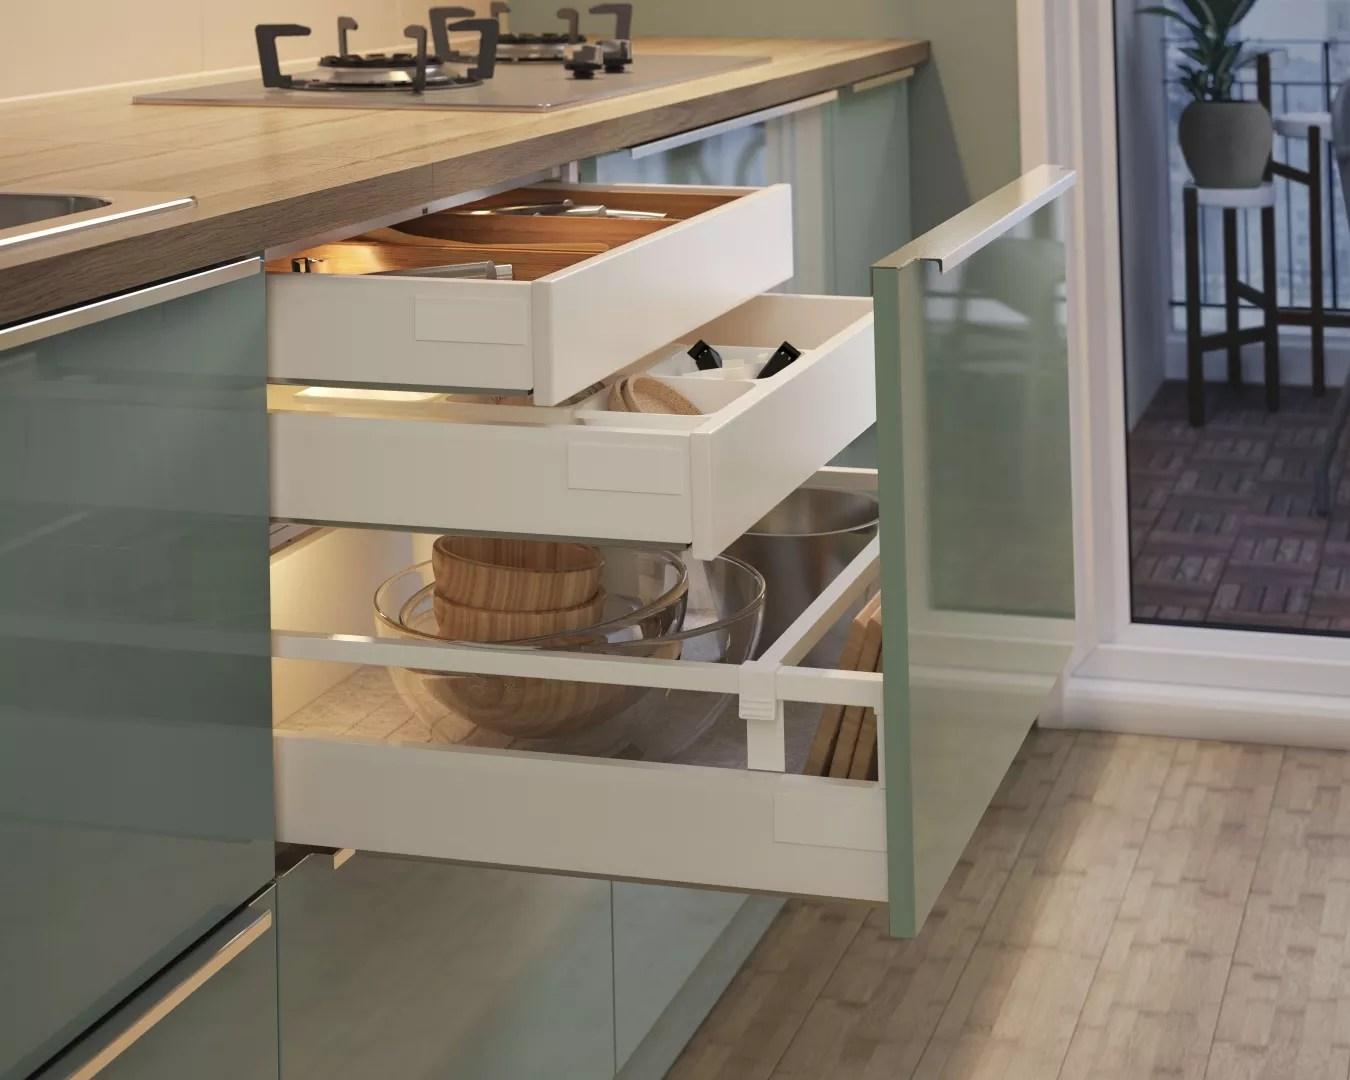 Interieur Ikea Lanceert Design Keuken Met Karakter Stijlvol Styling Woonblog Voel Je Thuis